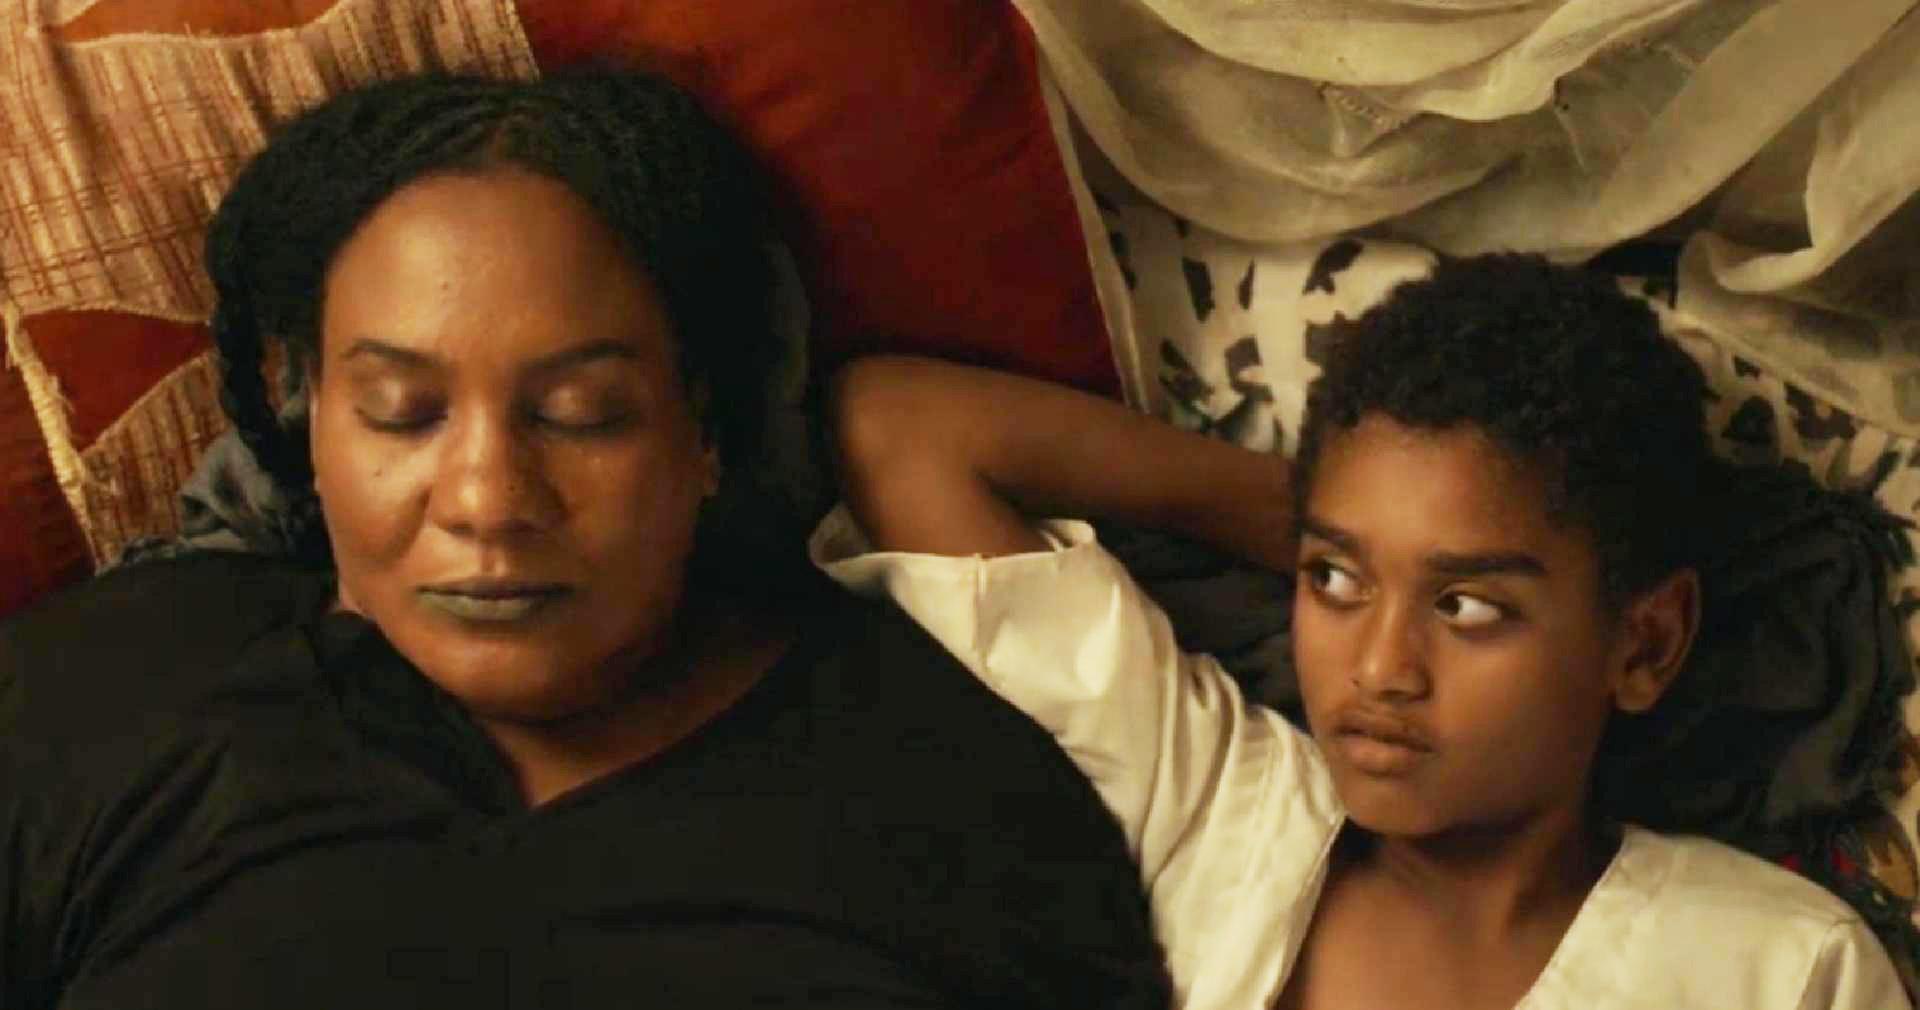 مشاهدة الفيلم السوداني ستموت في العشرين كامل